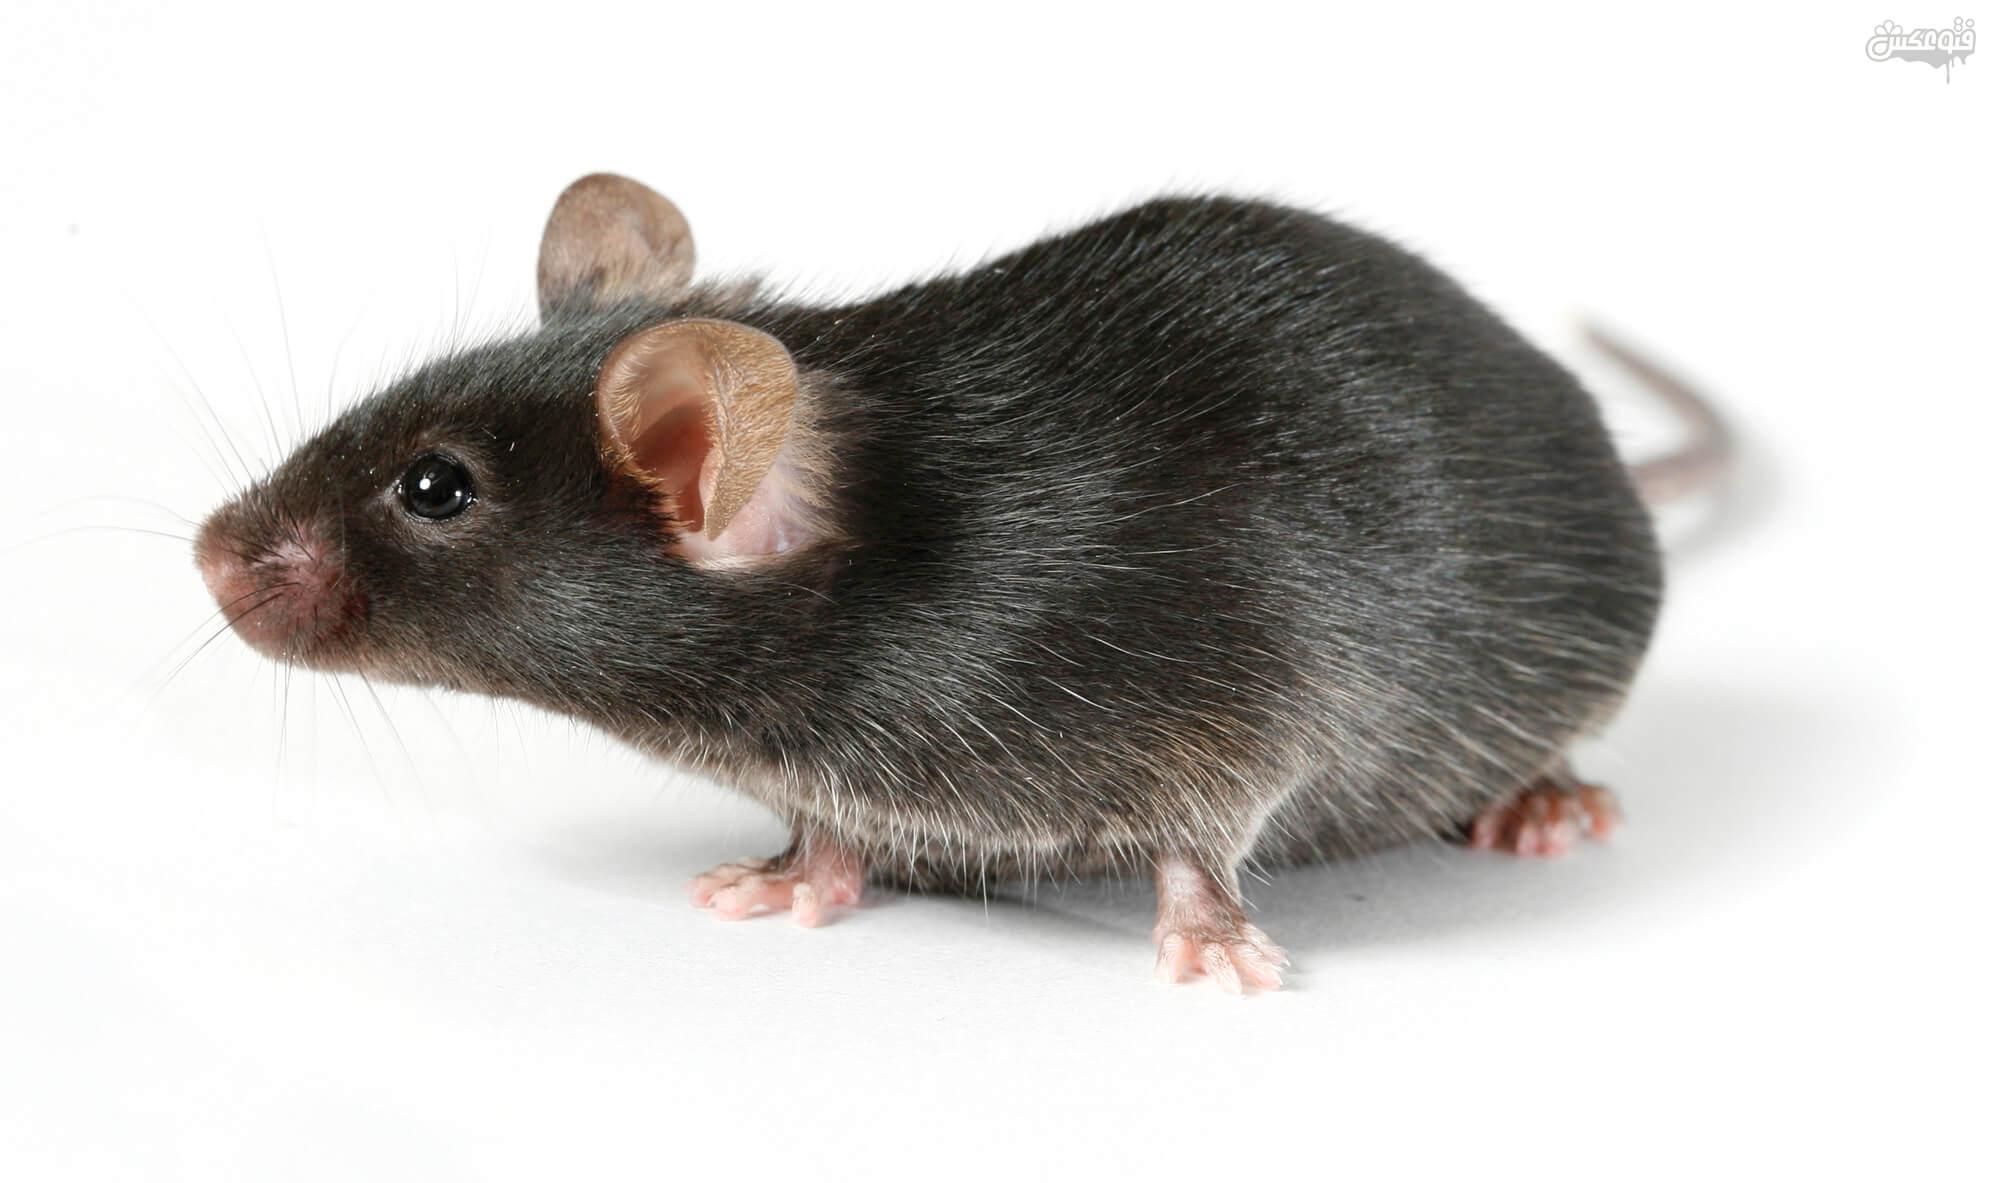 انشا دوم در مورد صحنه ورود یک موش به خانه